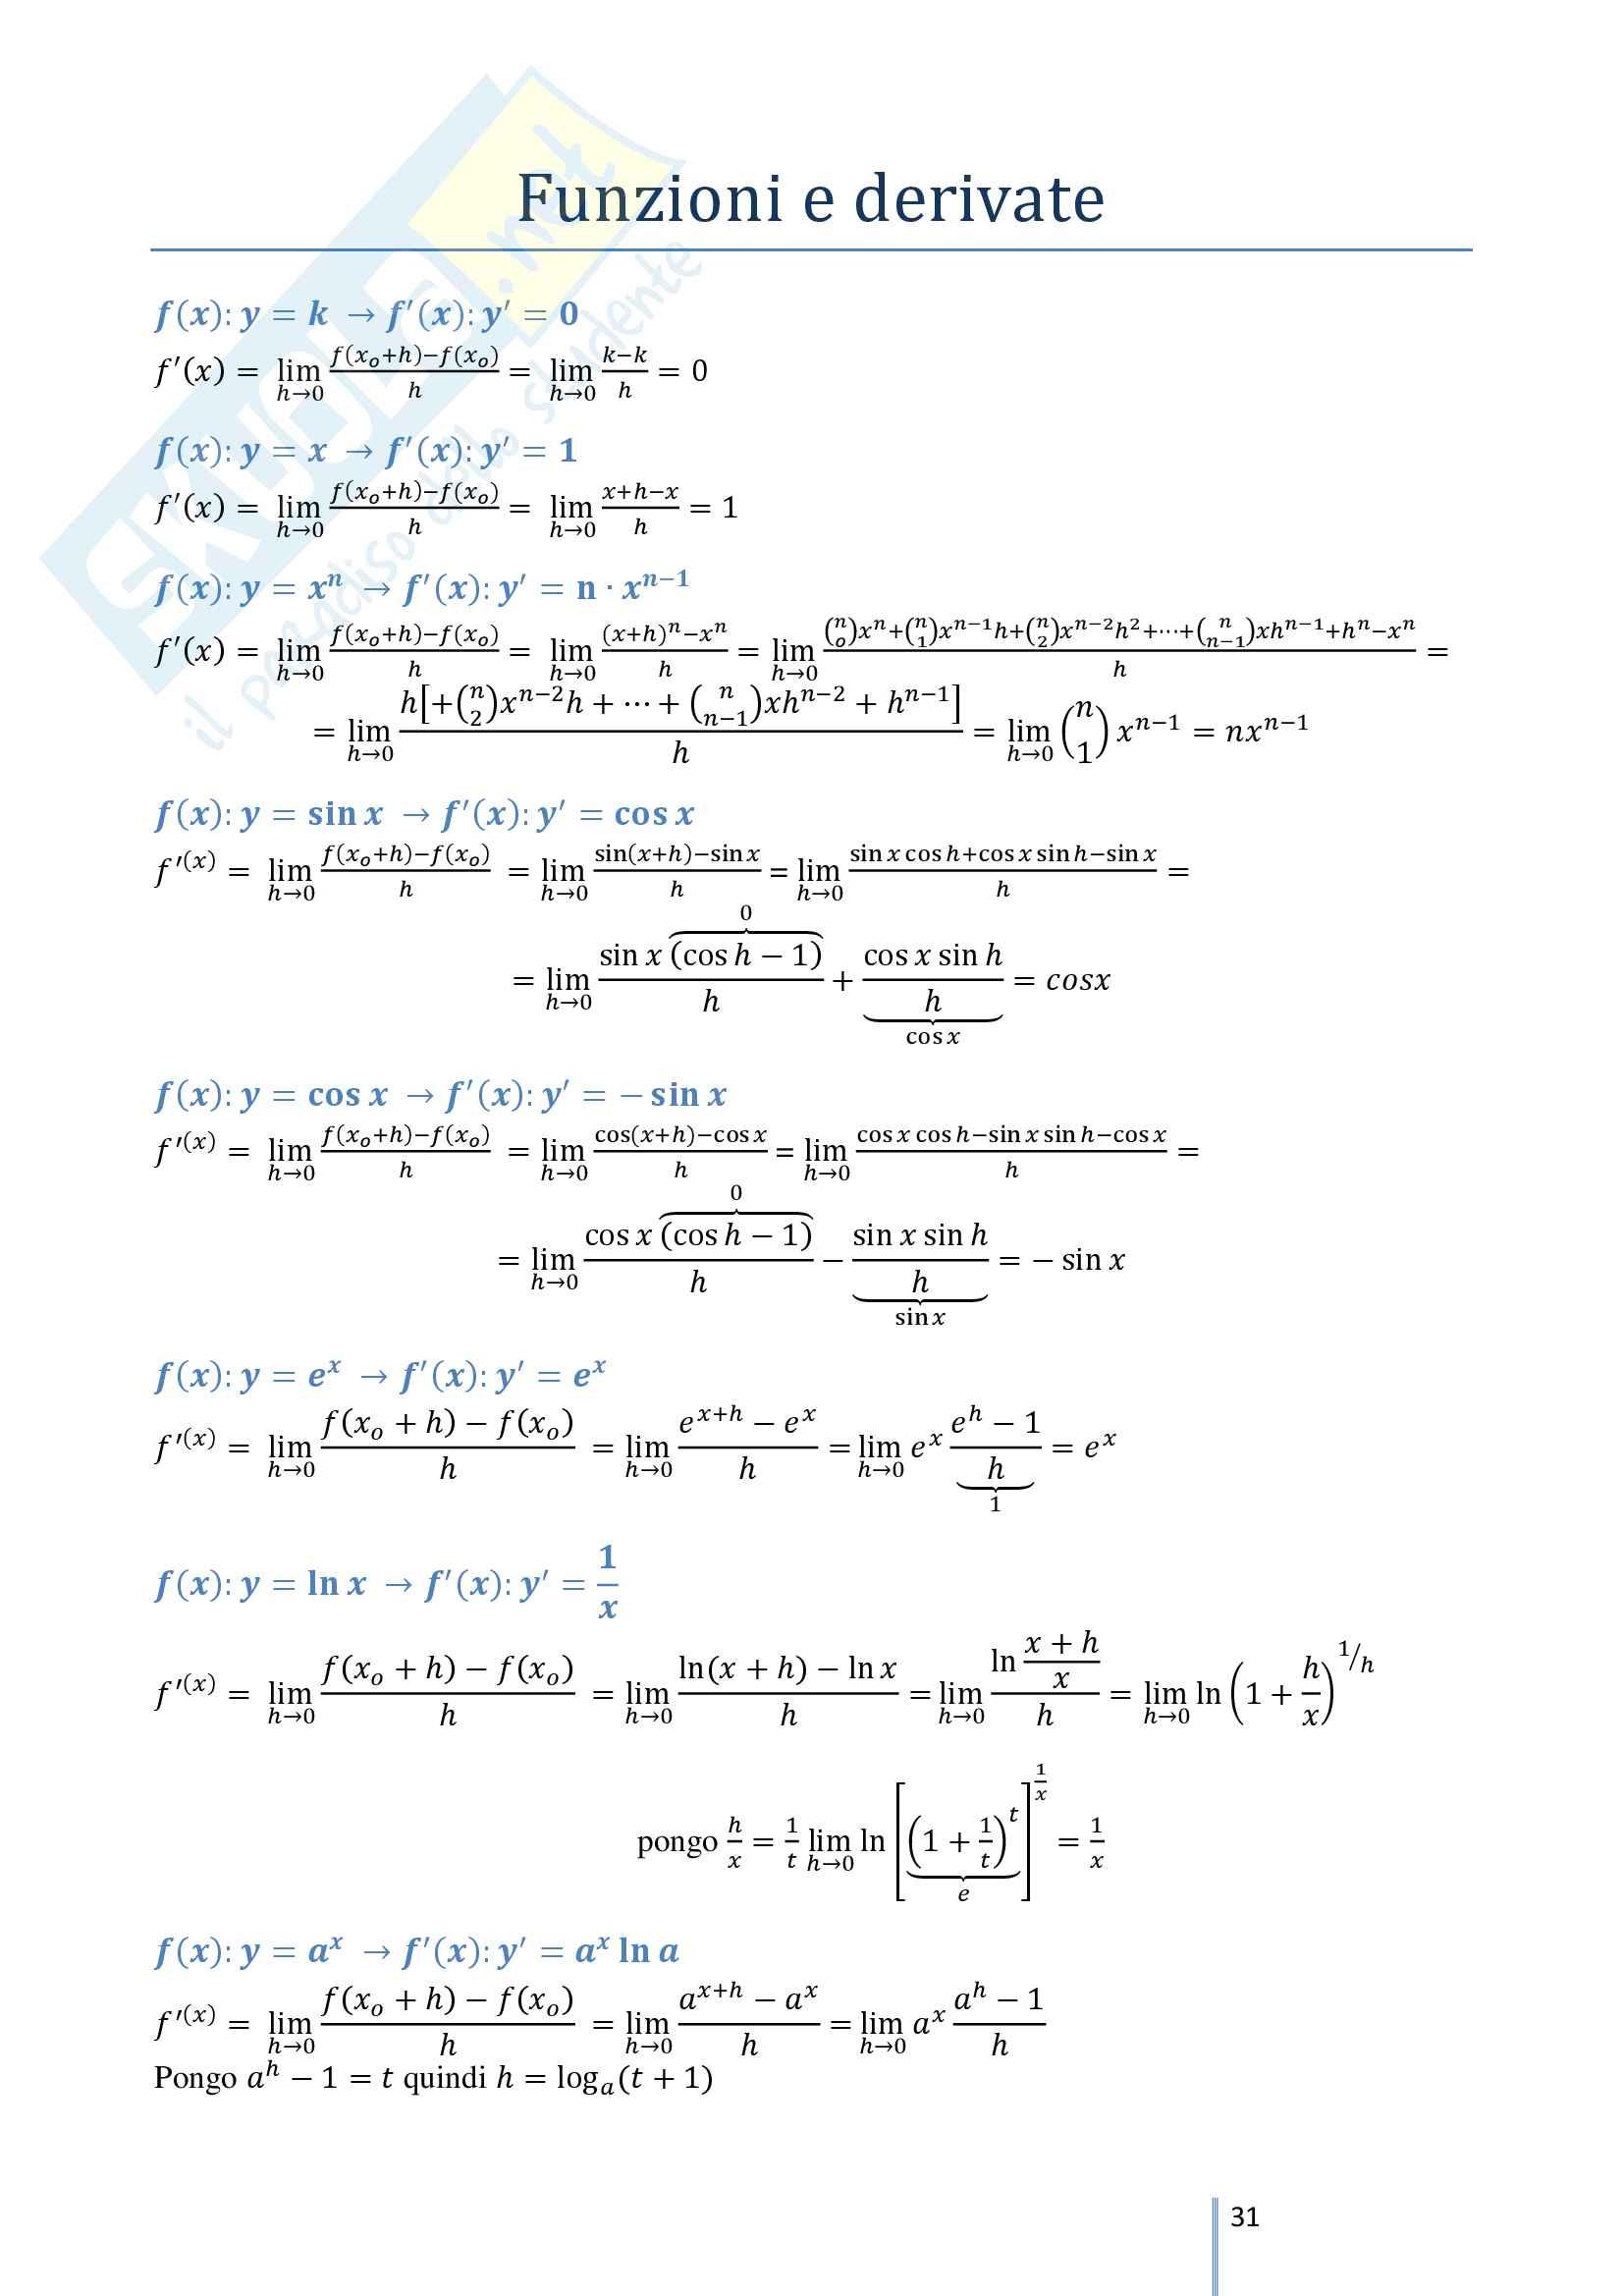 Appunti propedeutici per lo studio di funzione di Analisi 1 - solo teoria, no esercizi. Pag. 31